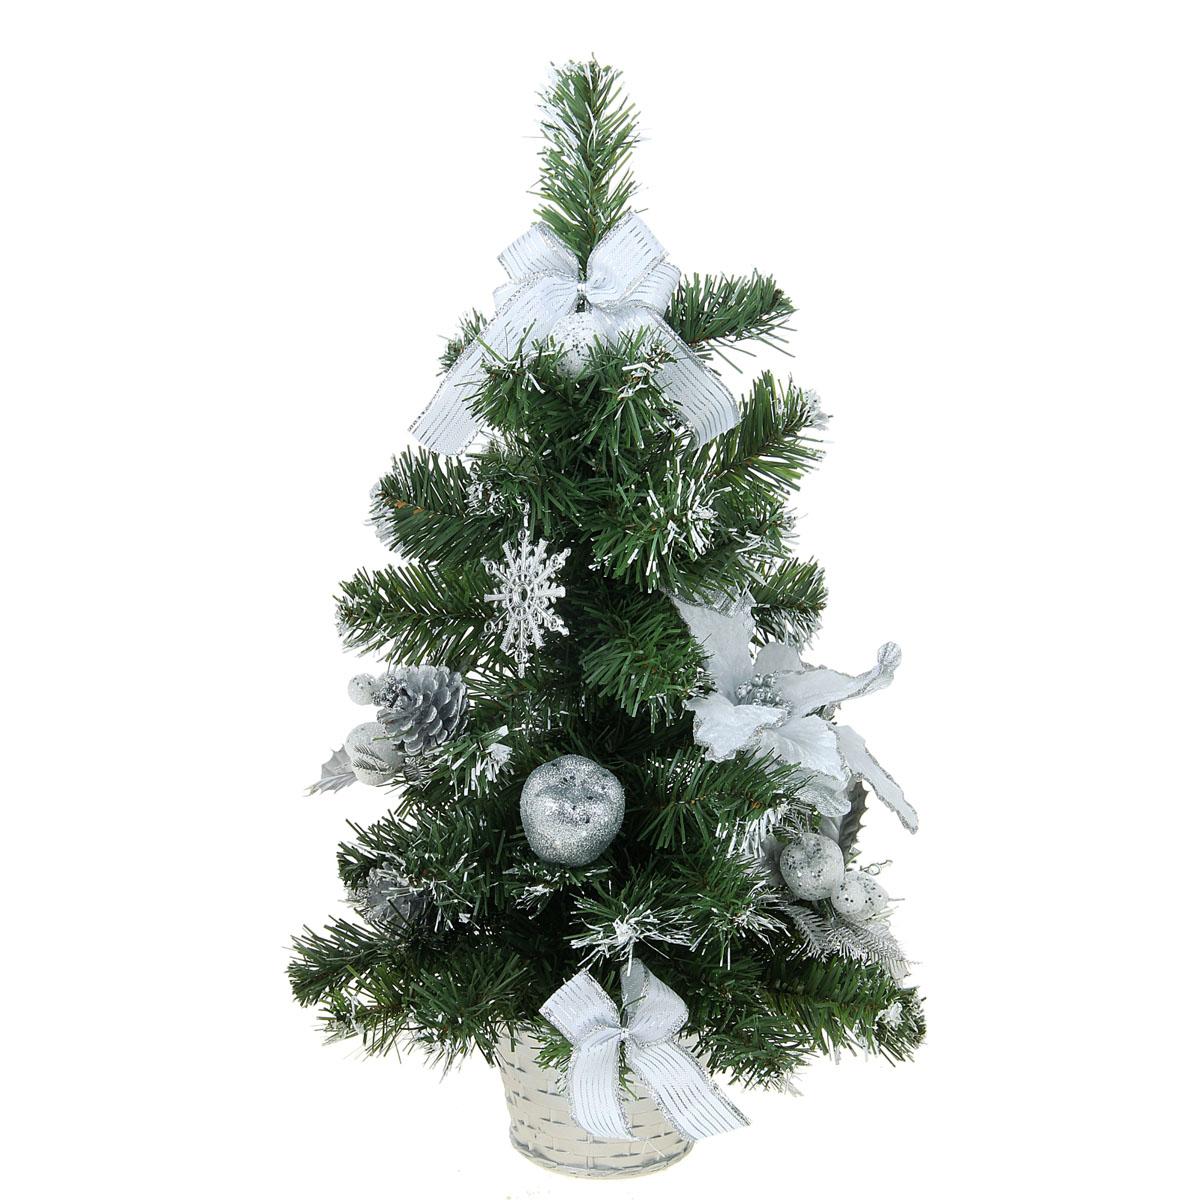 Декоративное украшение Sima-land Новогодняя елочка, цвет: серебристый, зеленый, высота 50 см. 706055706055Декоративное украшение Sima-land, выполненное из пластика - мини-елочка для оформления интерьера к Новому году. Ее не нужно ни собирать, ни наряжать, зато настроение праздника она создает очень быстро.Елка украшена текстильными бантами, шишками, шарами, блестками и снежинками. Елка украсит интерьер вашего дома или офиса к Новому году и создаст теплую и уютную атмосферу праздника.Откройте для себя удивительный мир сказок и грез. Почувствуйте волшебные минуты ожидания праздника, создайте новогоднее настроение вашим дорогим и близким.